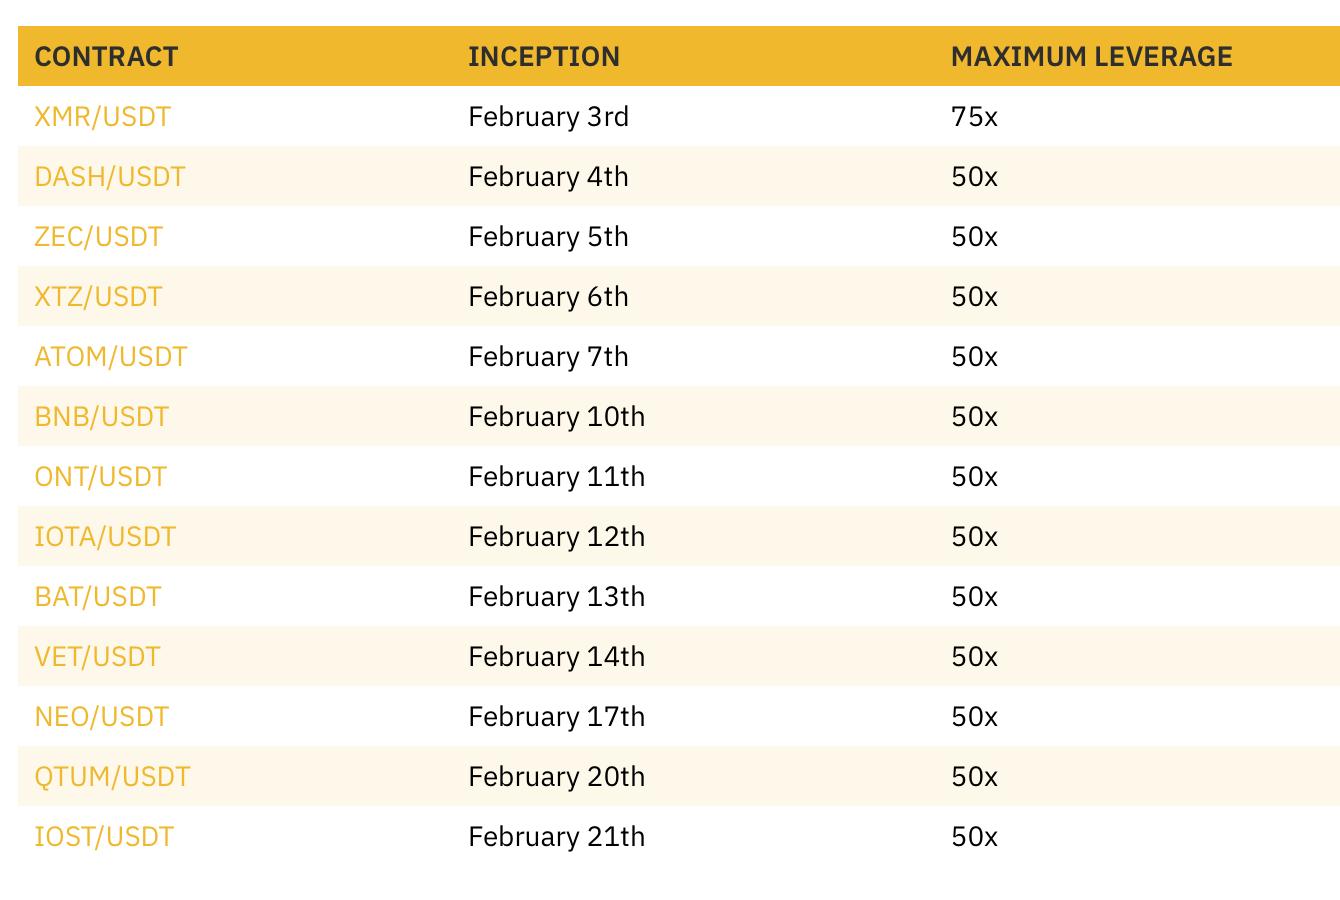 Bảng 6 - Các hợp đồng mới được niêm yết trên Binance Futures vào tháng 2